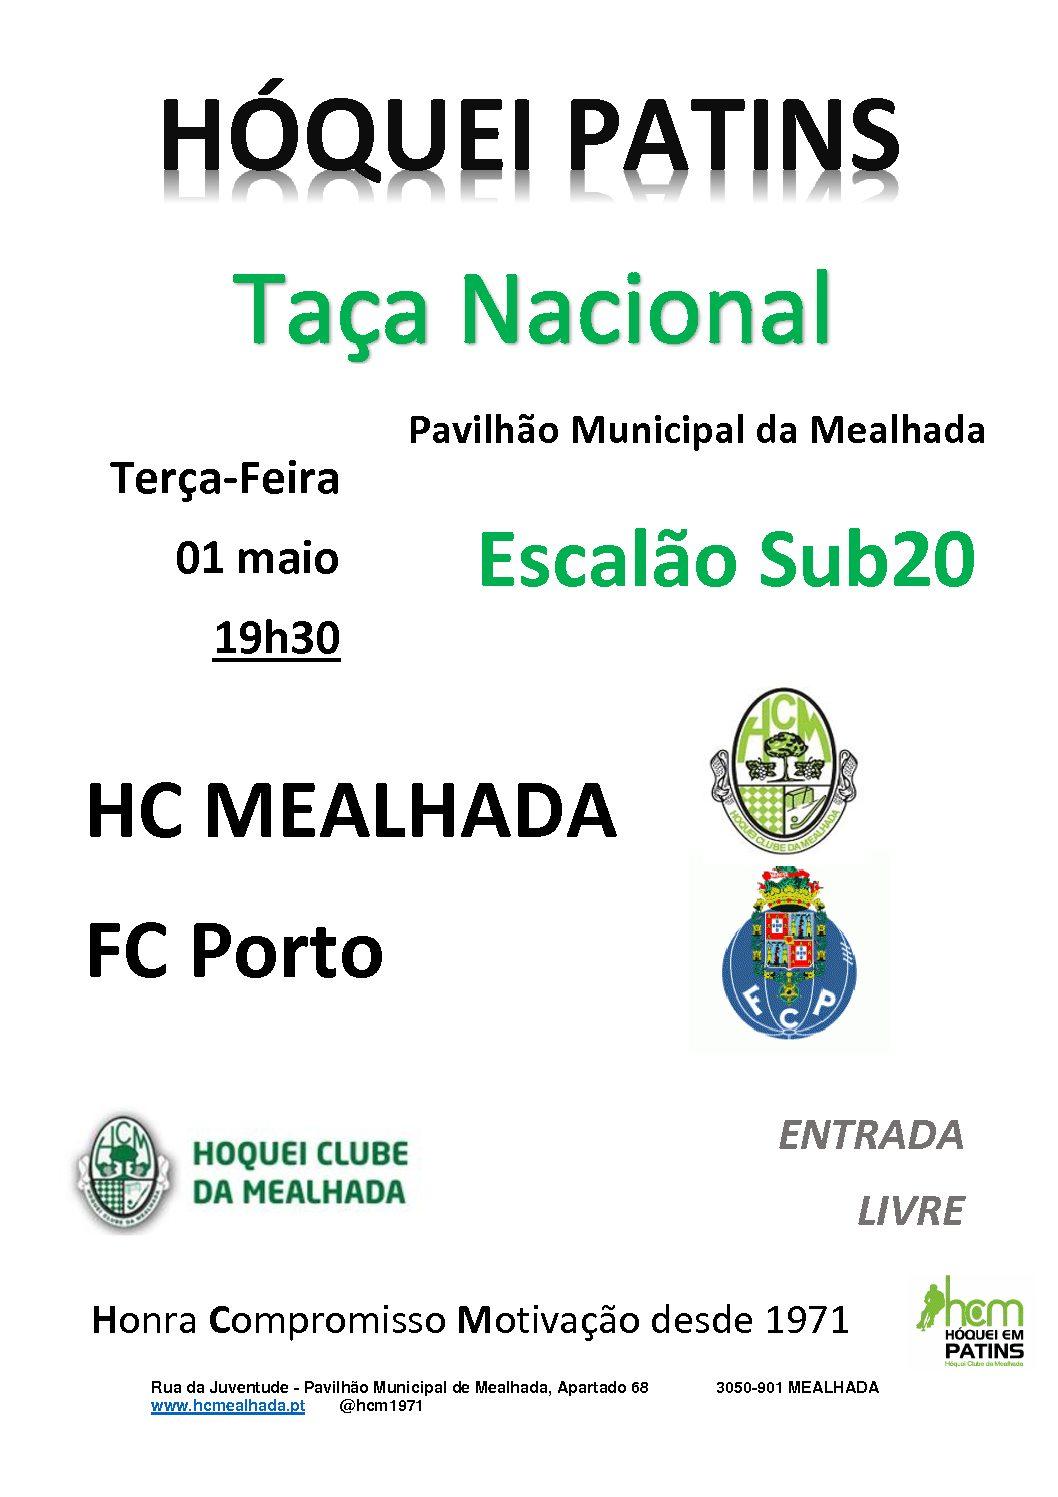 Sub20 do HCM jogam amanhã contra o FC Porto no Pavilhão Municipal da Mealhada